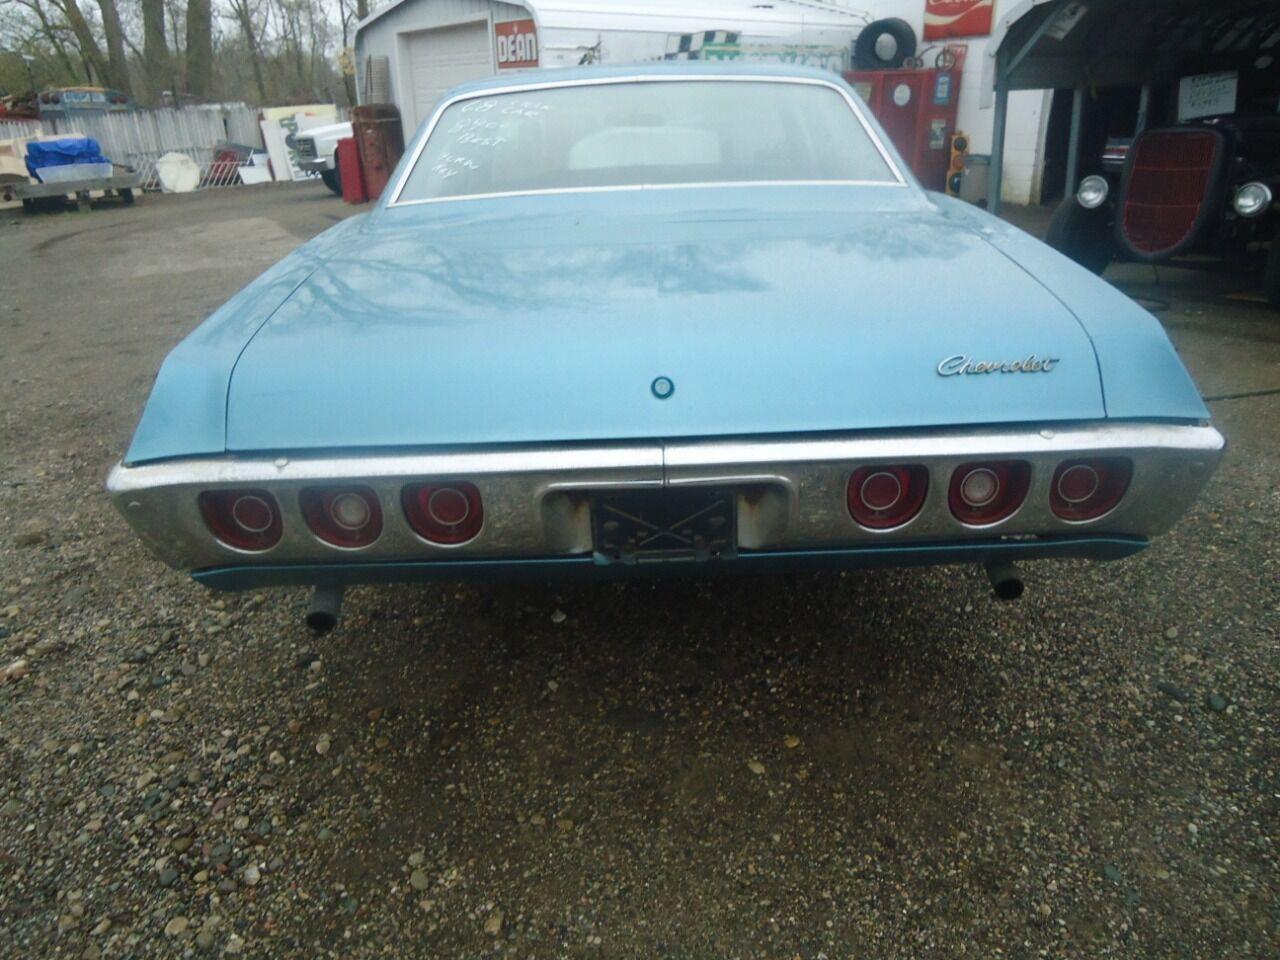 1968 Chevrolet Impala 18